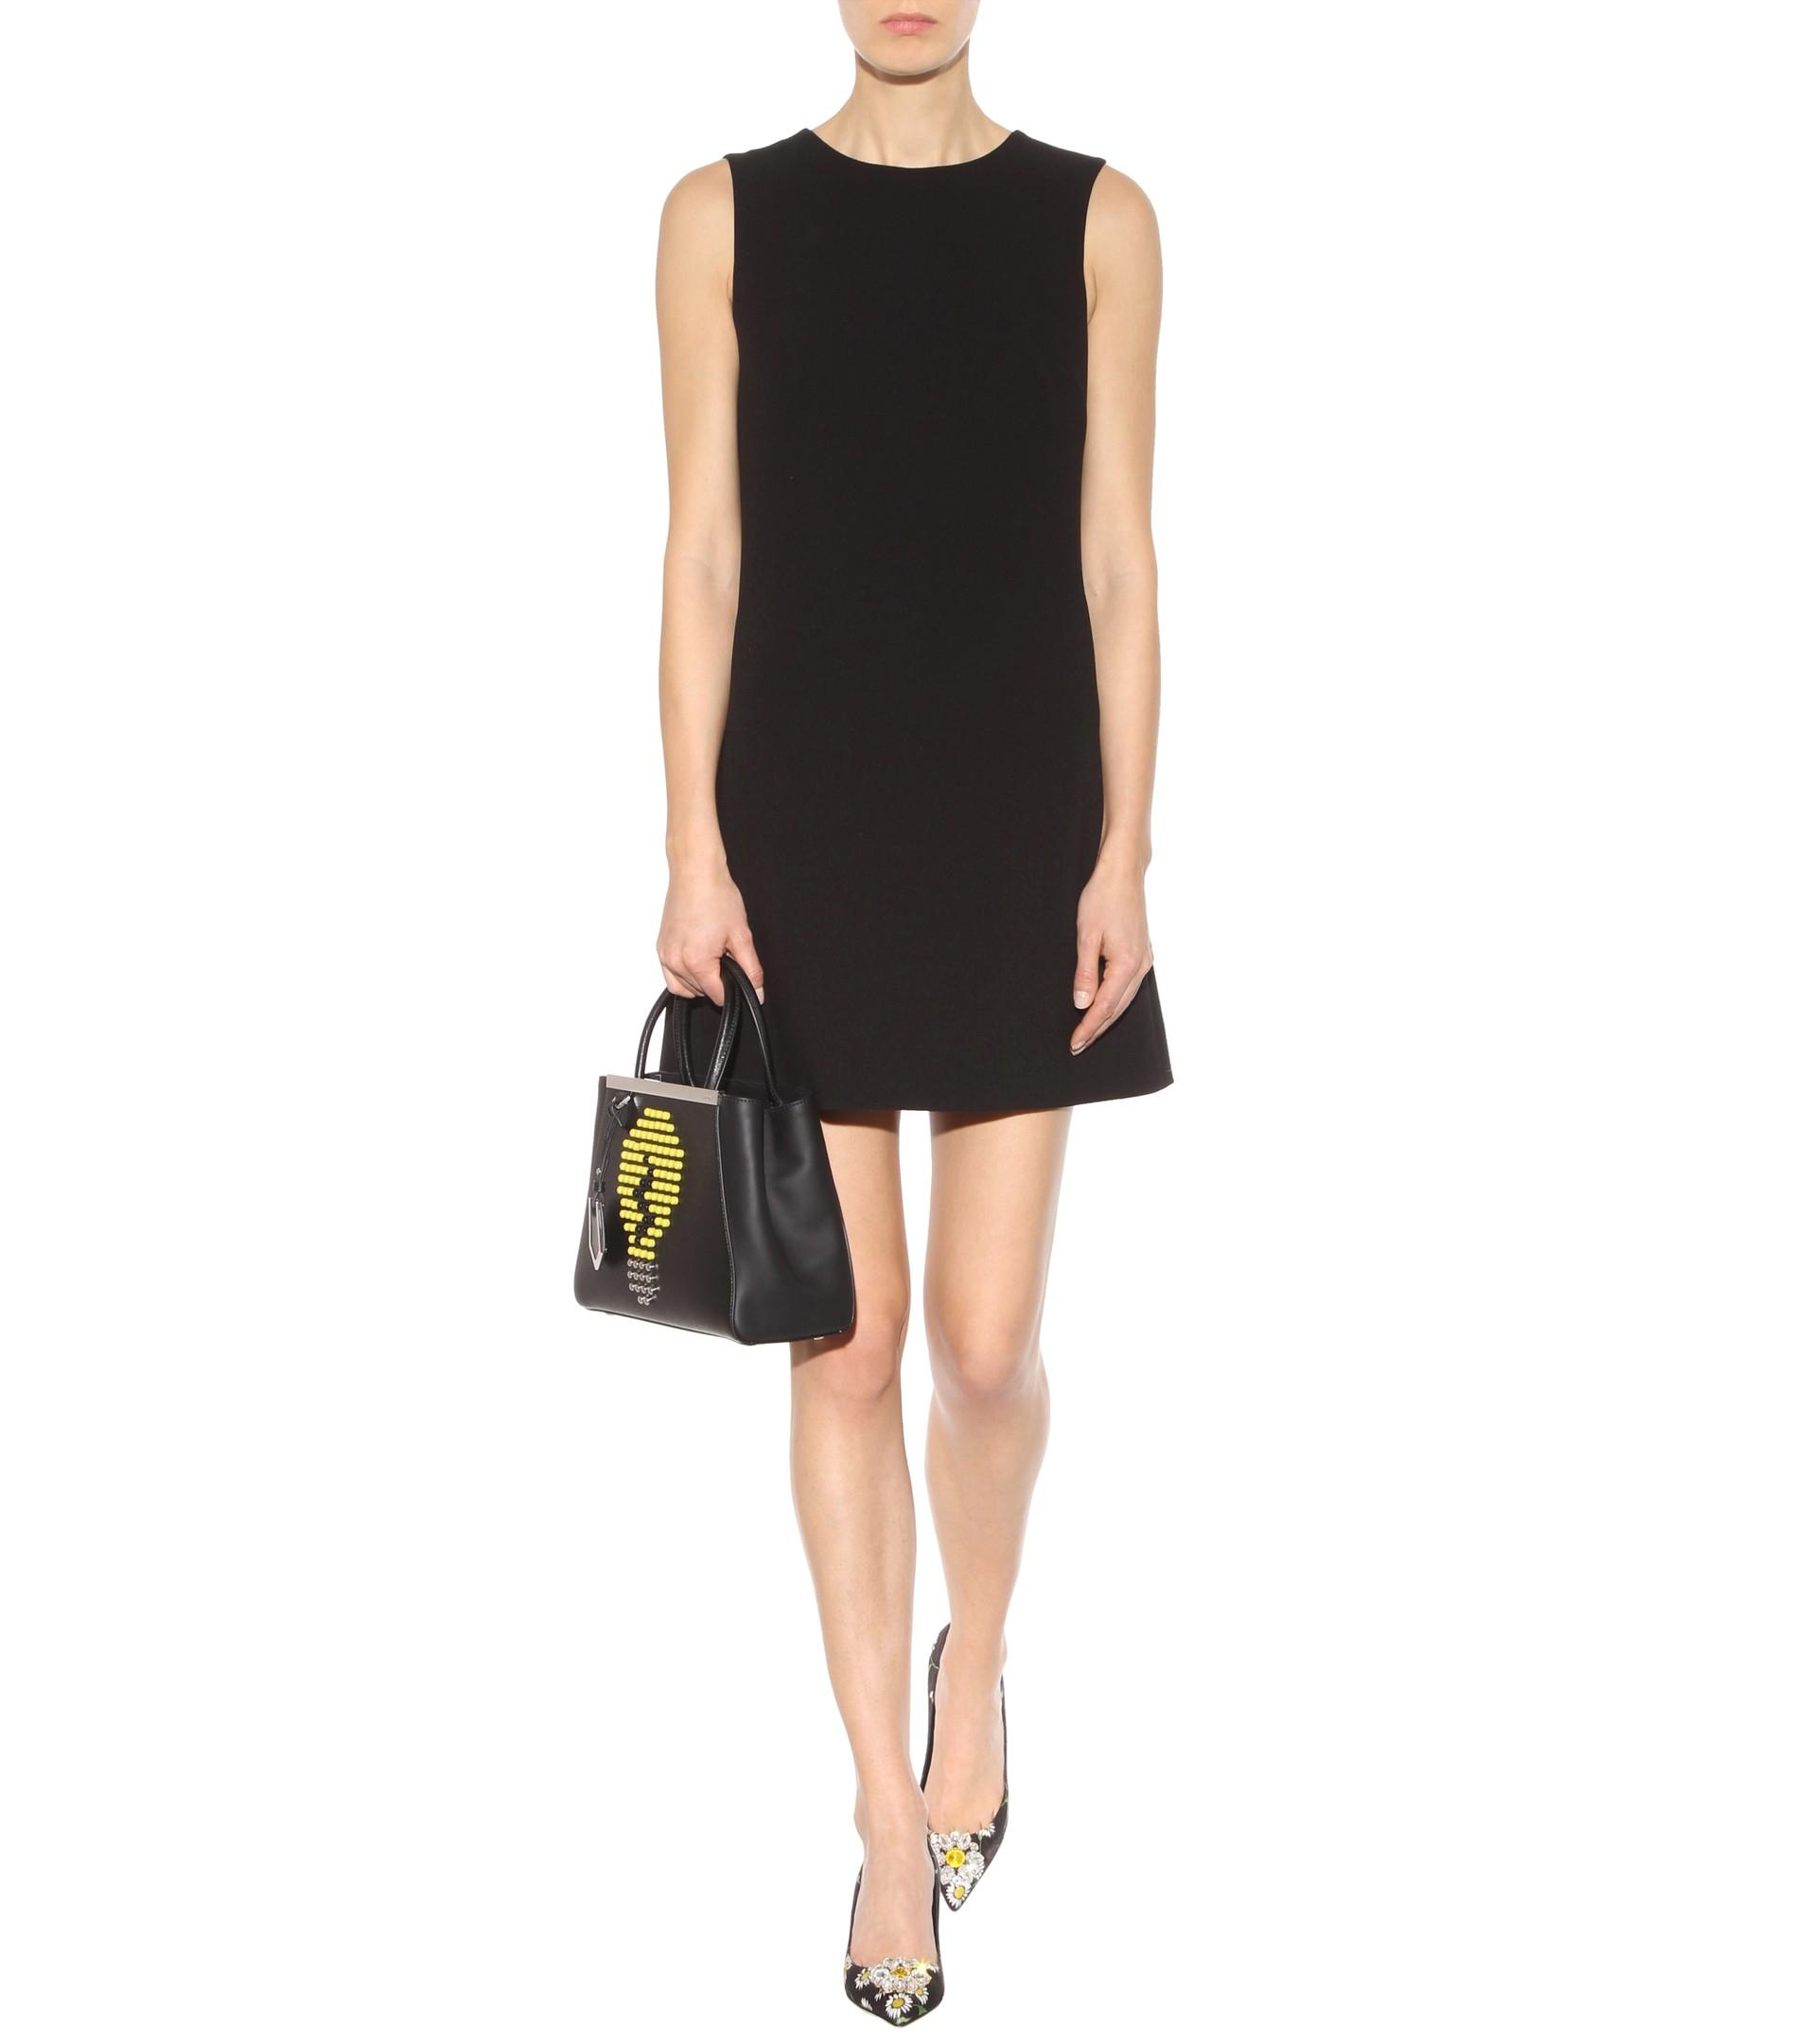 Bellucci embellished leather pumps Dolce & Gabbana MnjiyxkpE